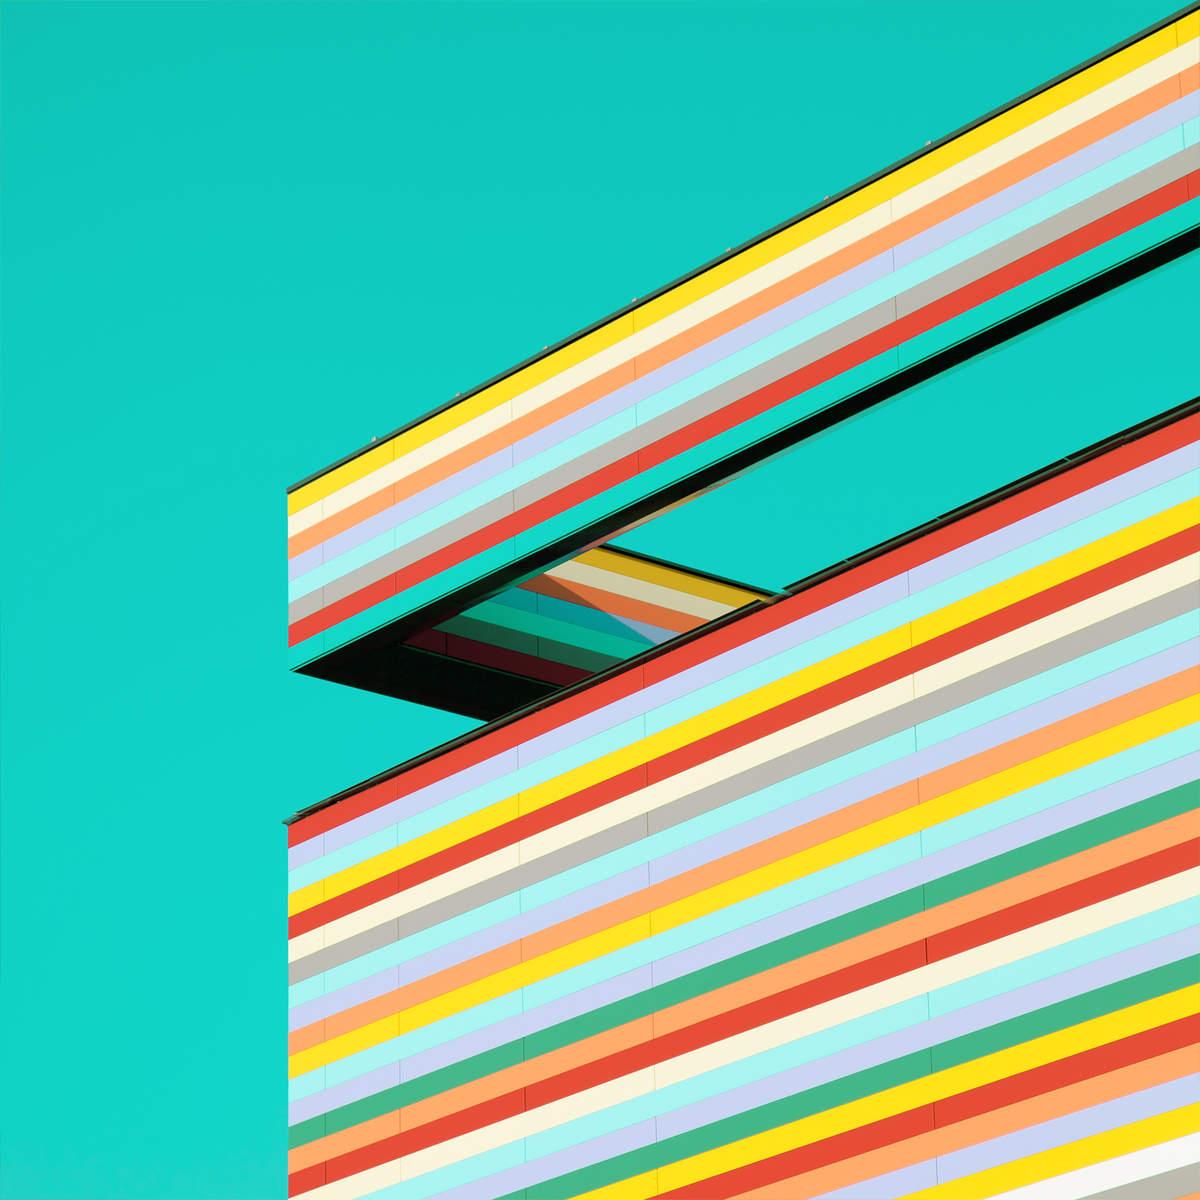 Album art by Matthias Heinderich.